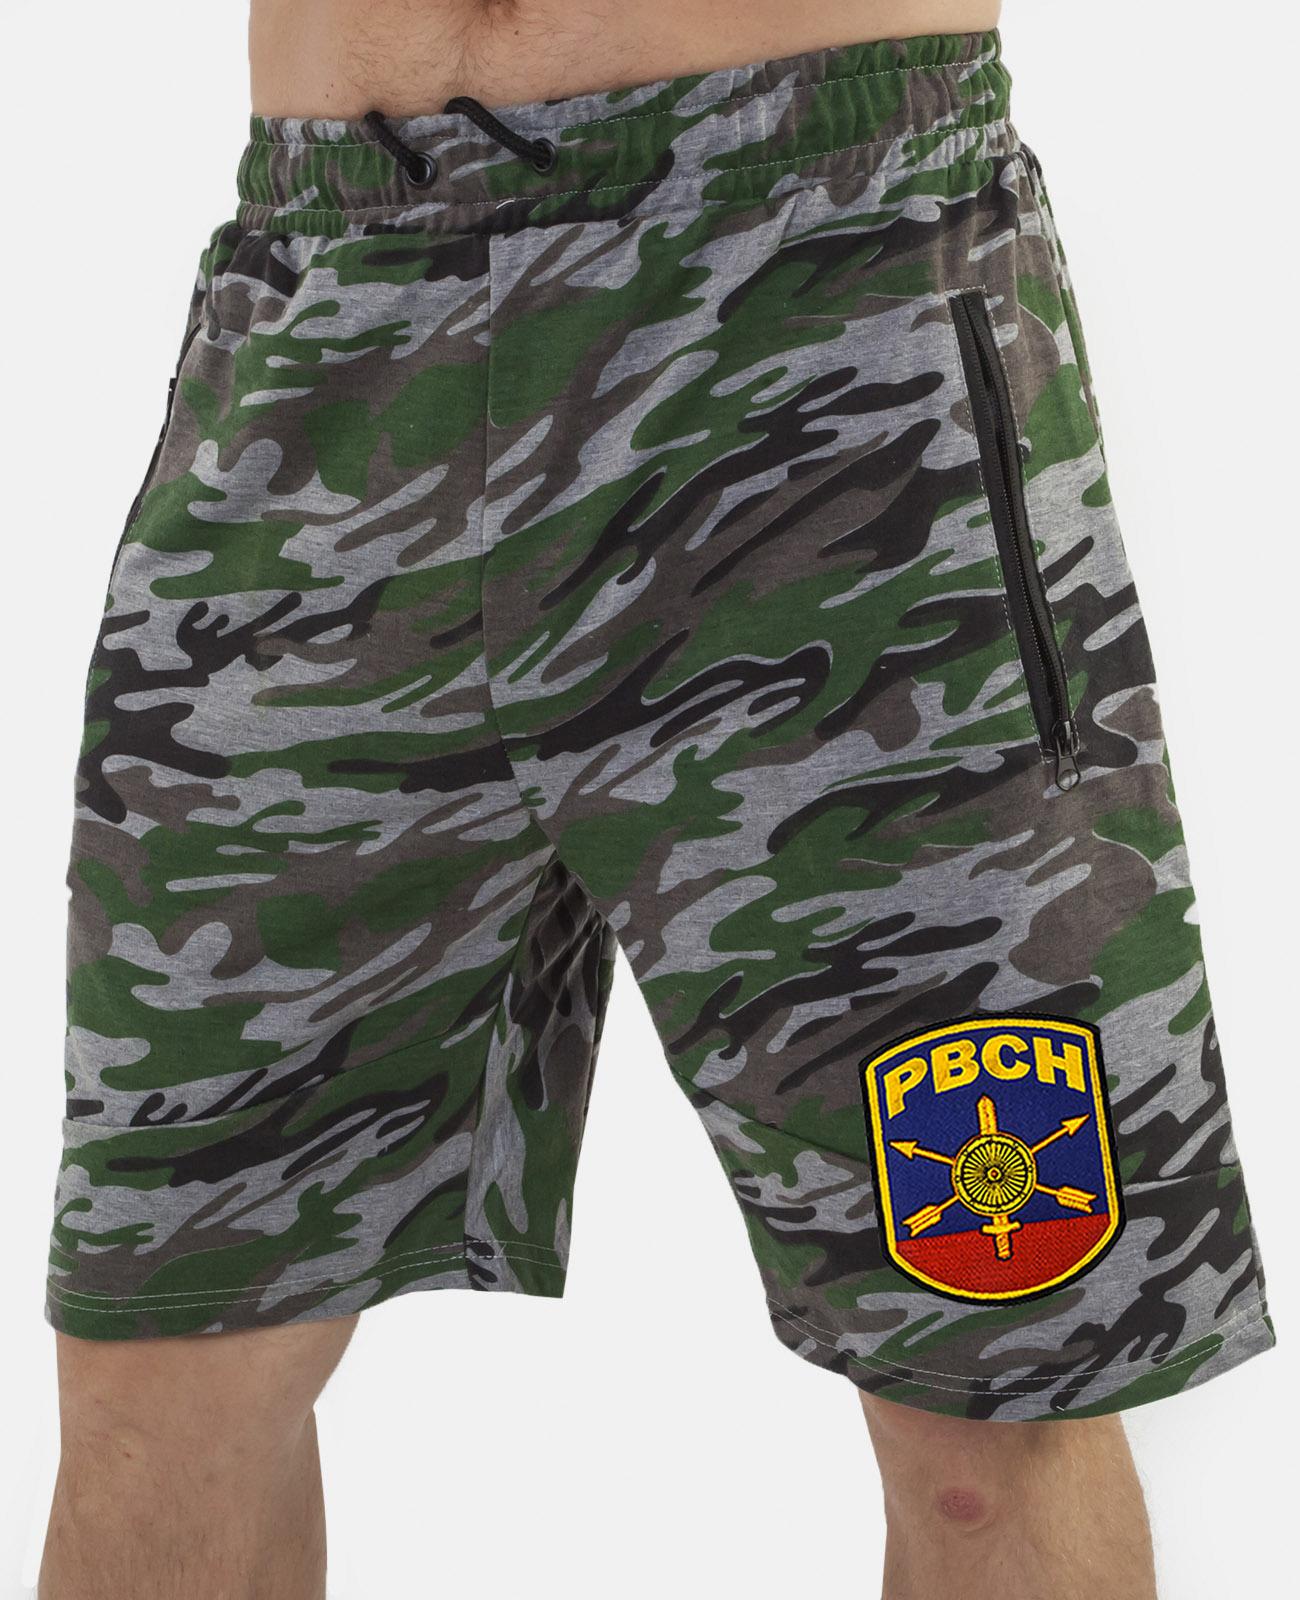 Купить военные шорты особого кроя с нашивкой РВСН с доставкой в любой город